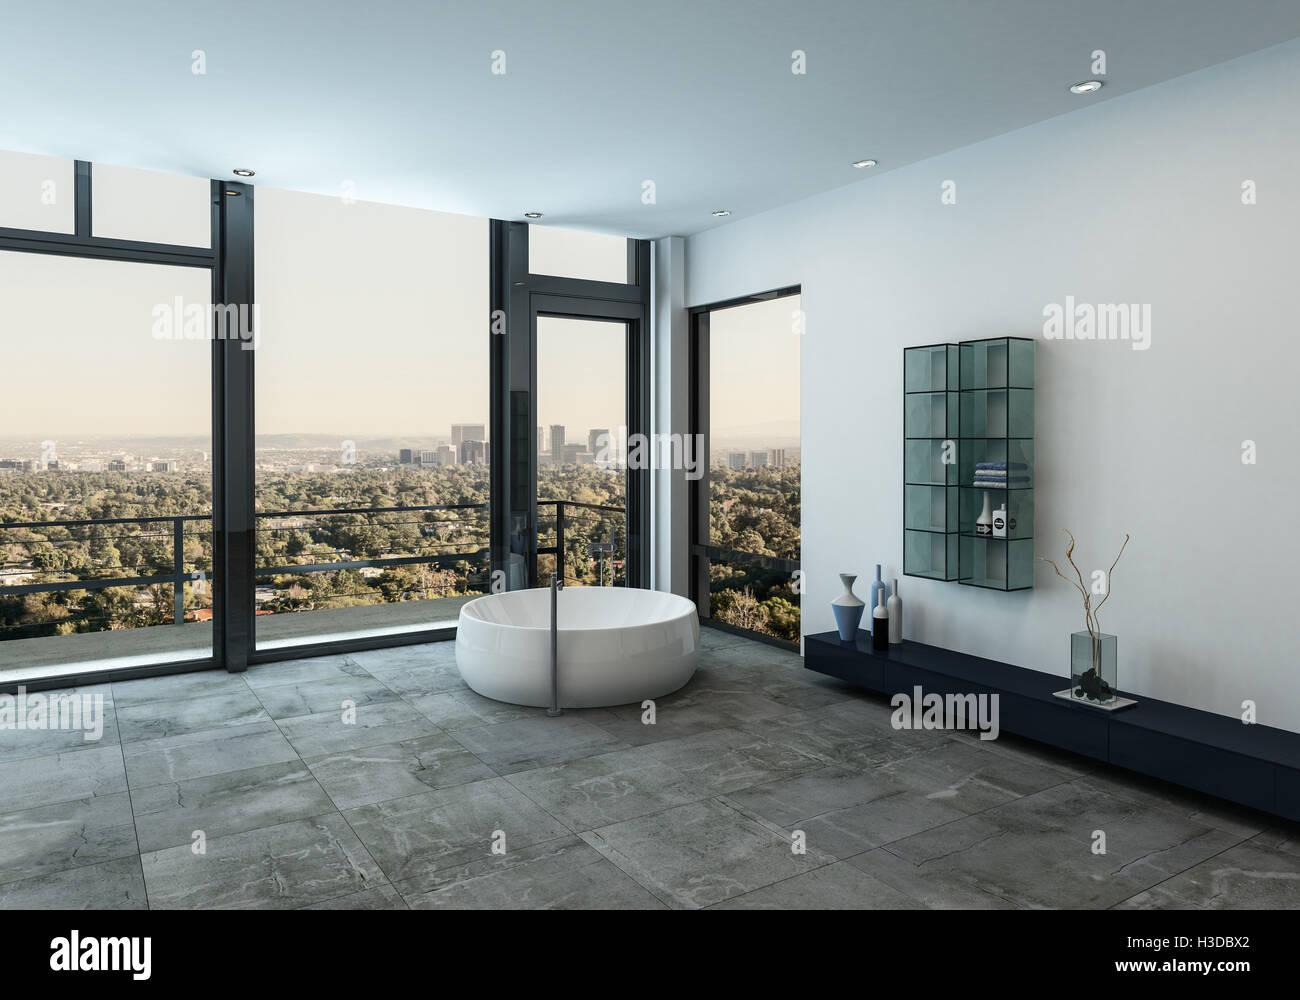 Lusso minimalista bagno interno con una vasca circolare nellangolo